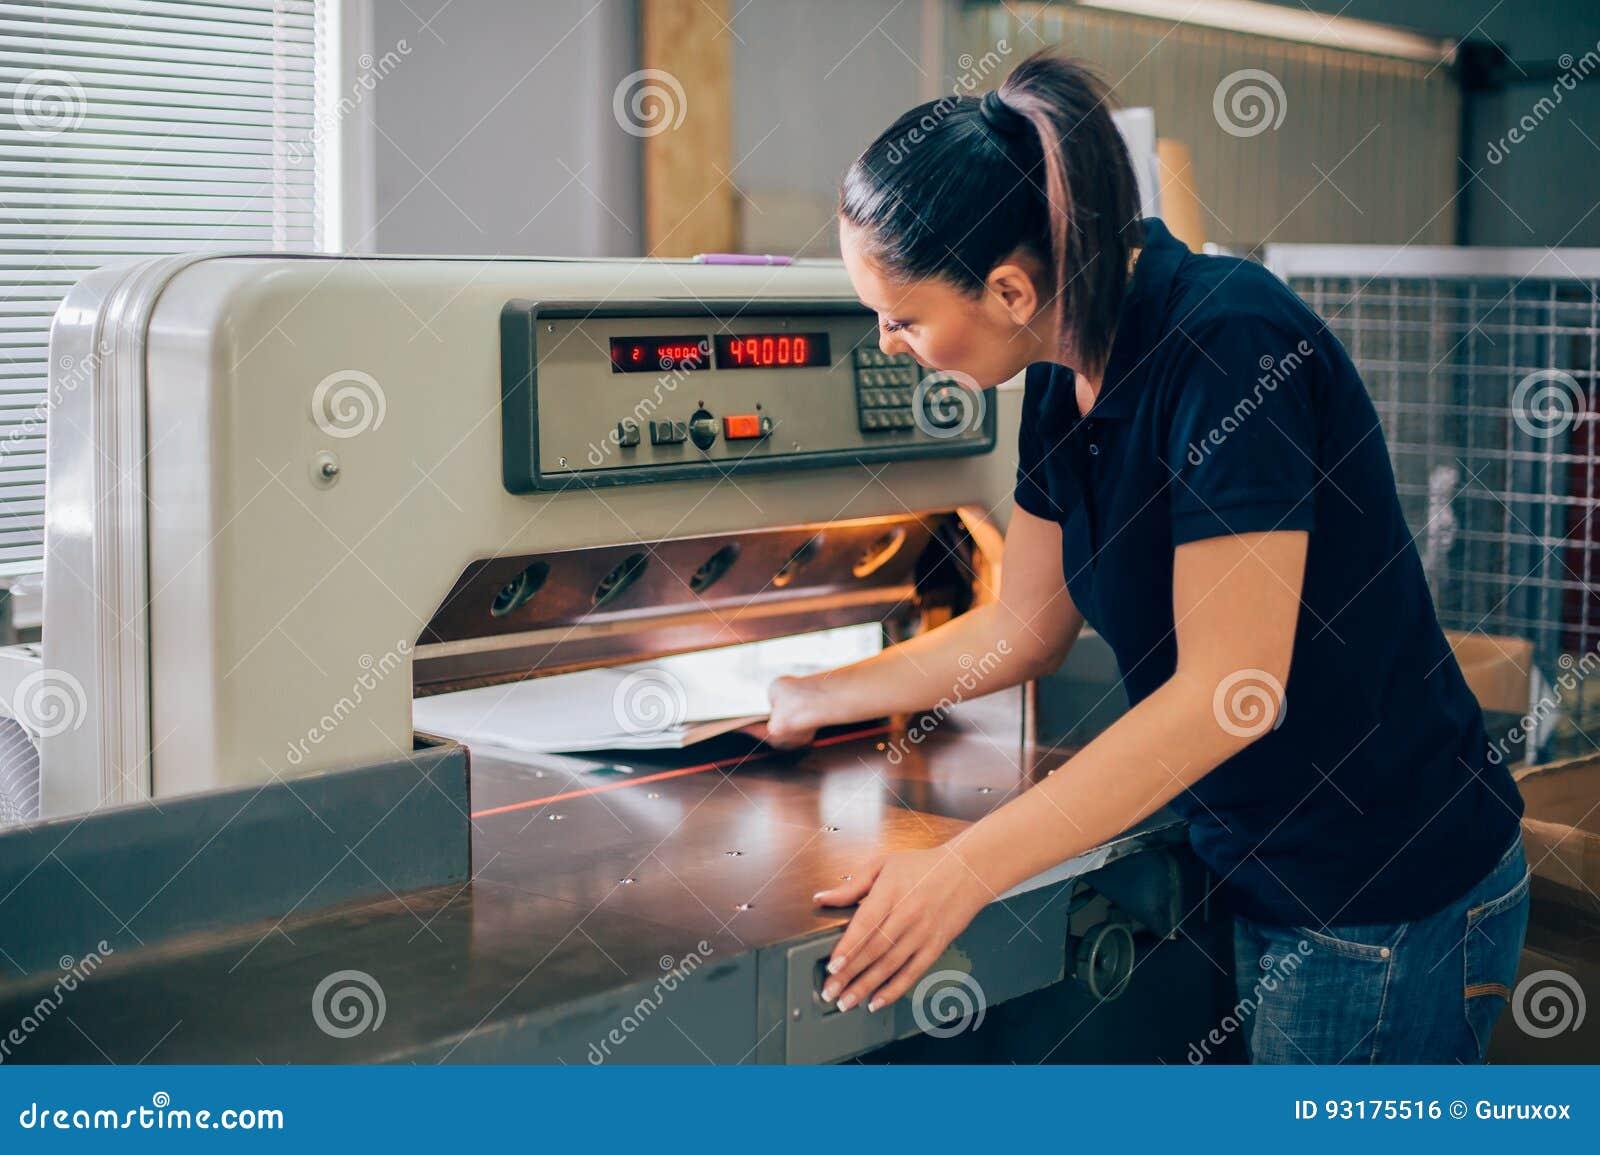 打印的centar用途纸断头台机器刀子工作者